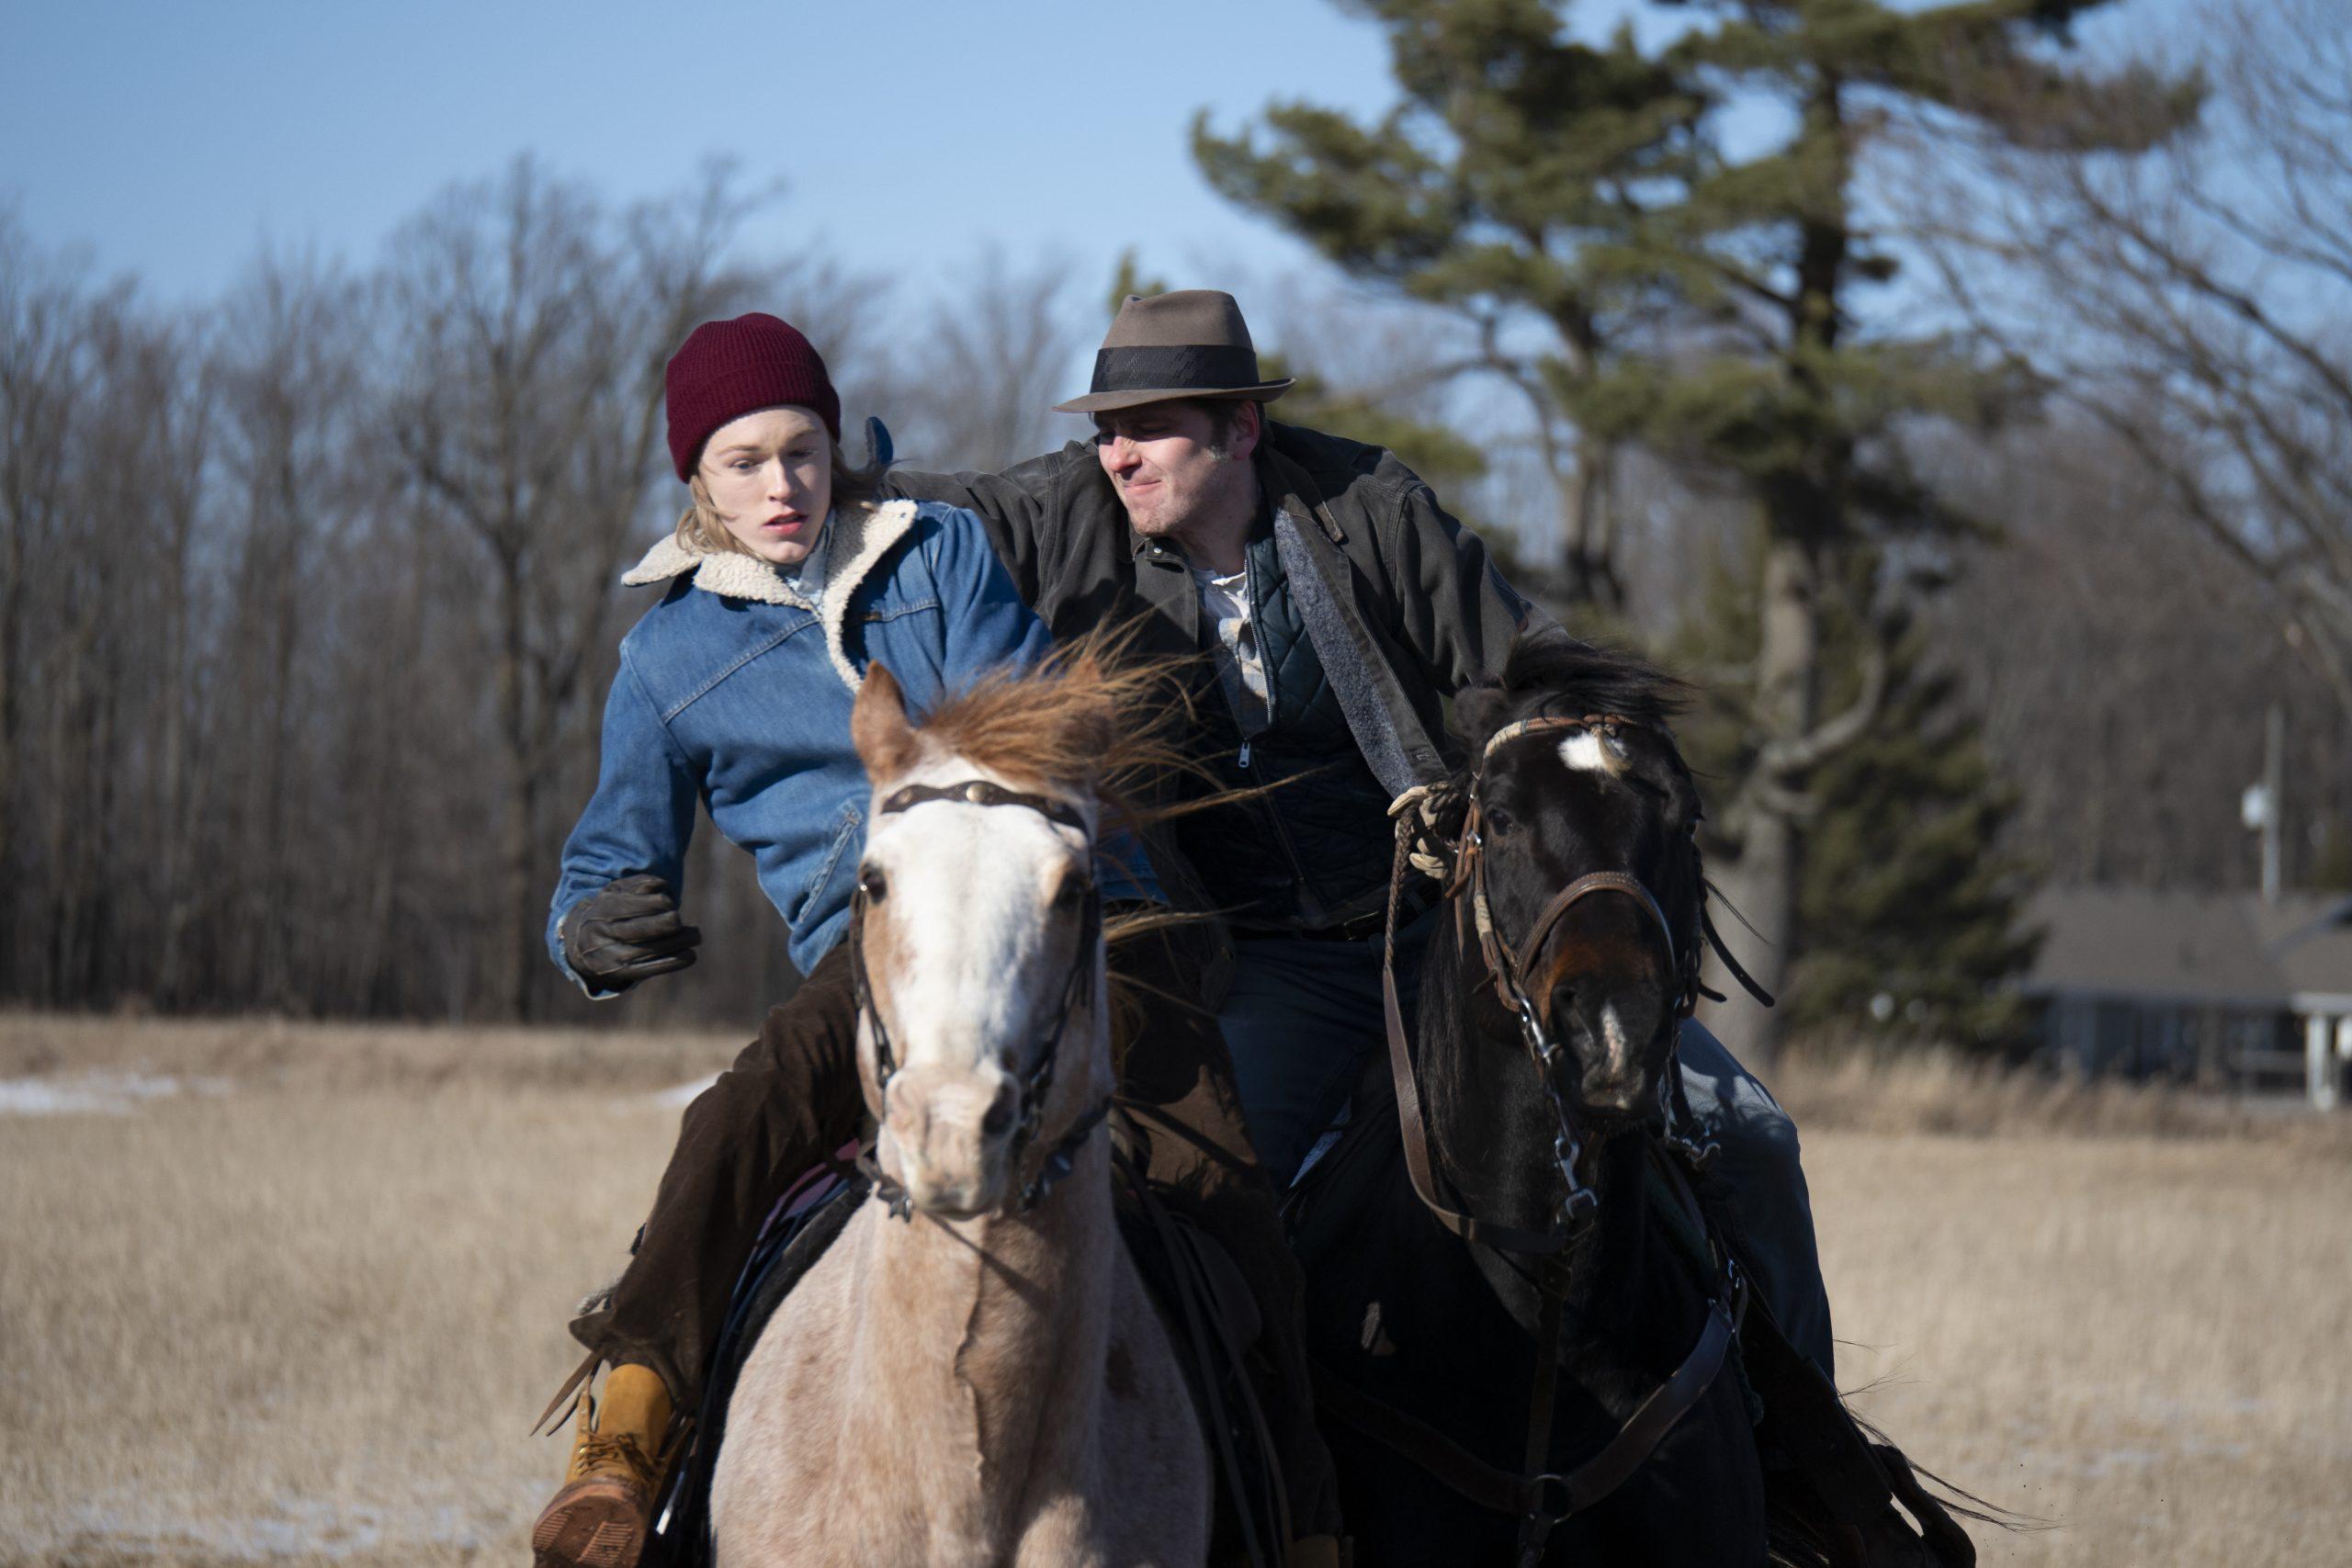 Cena do filme Ainda Há Tempo. John e seu pai Willis estão mais jovens, andando de cavalo. Willis está tentando derrubar John de seu cavalo.